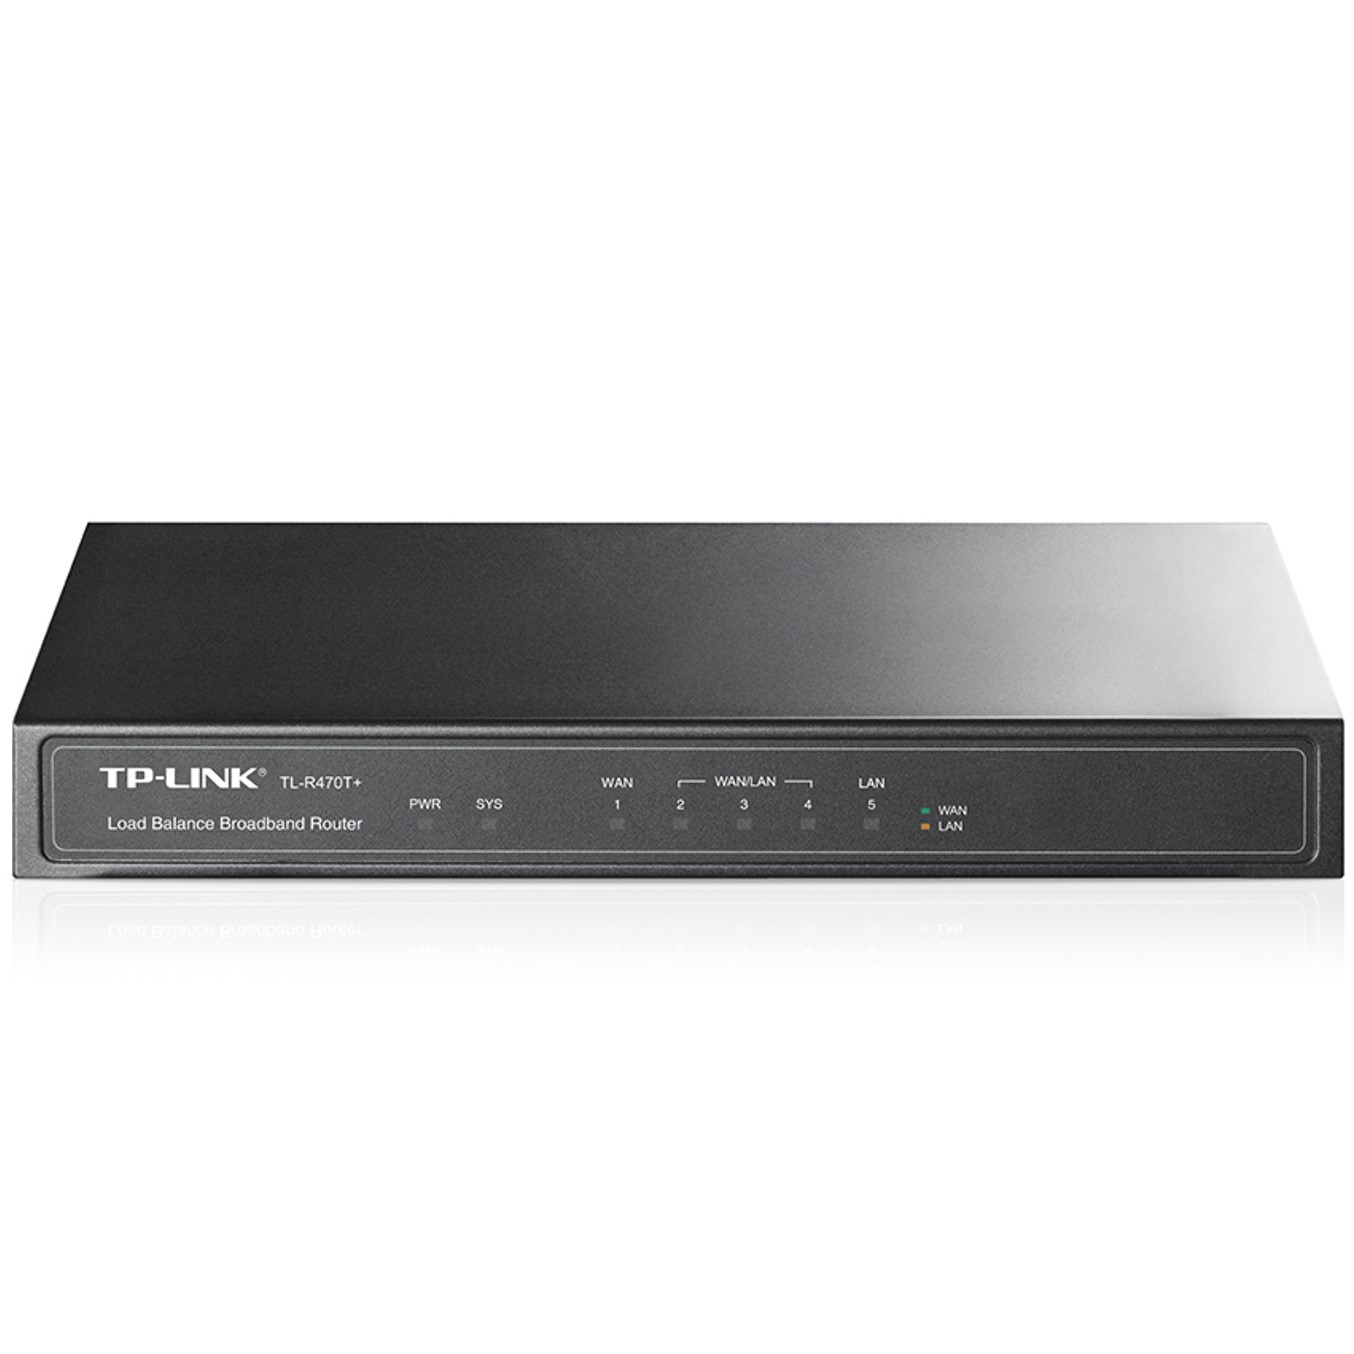 Rourter banda ancha balanceador 1pto wan 1pto lan 3ptos wan - lan tp - link